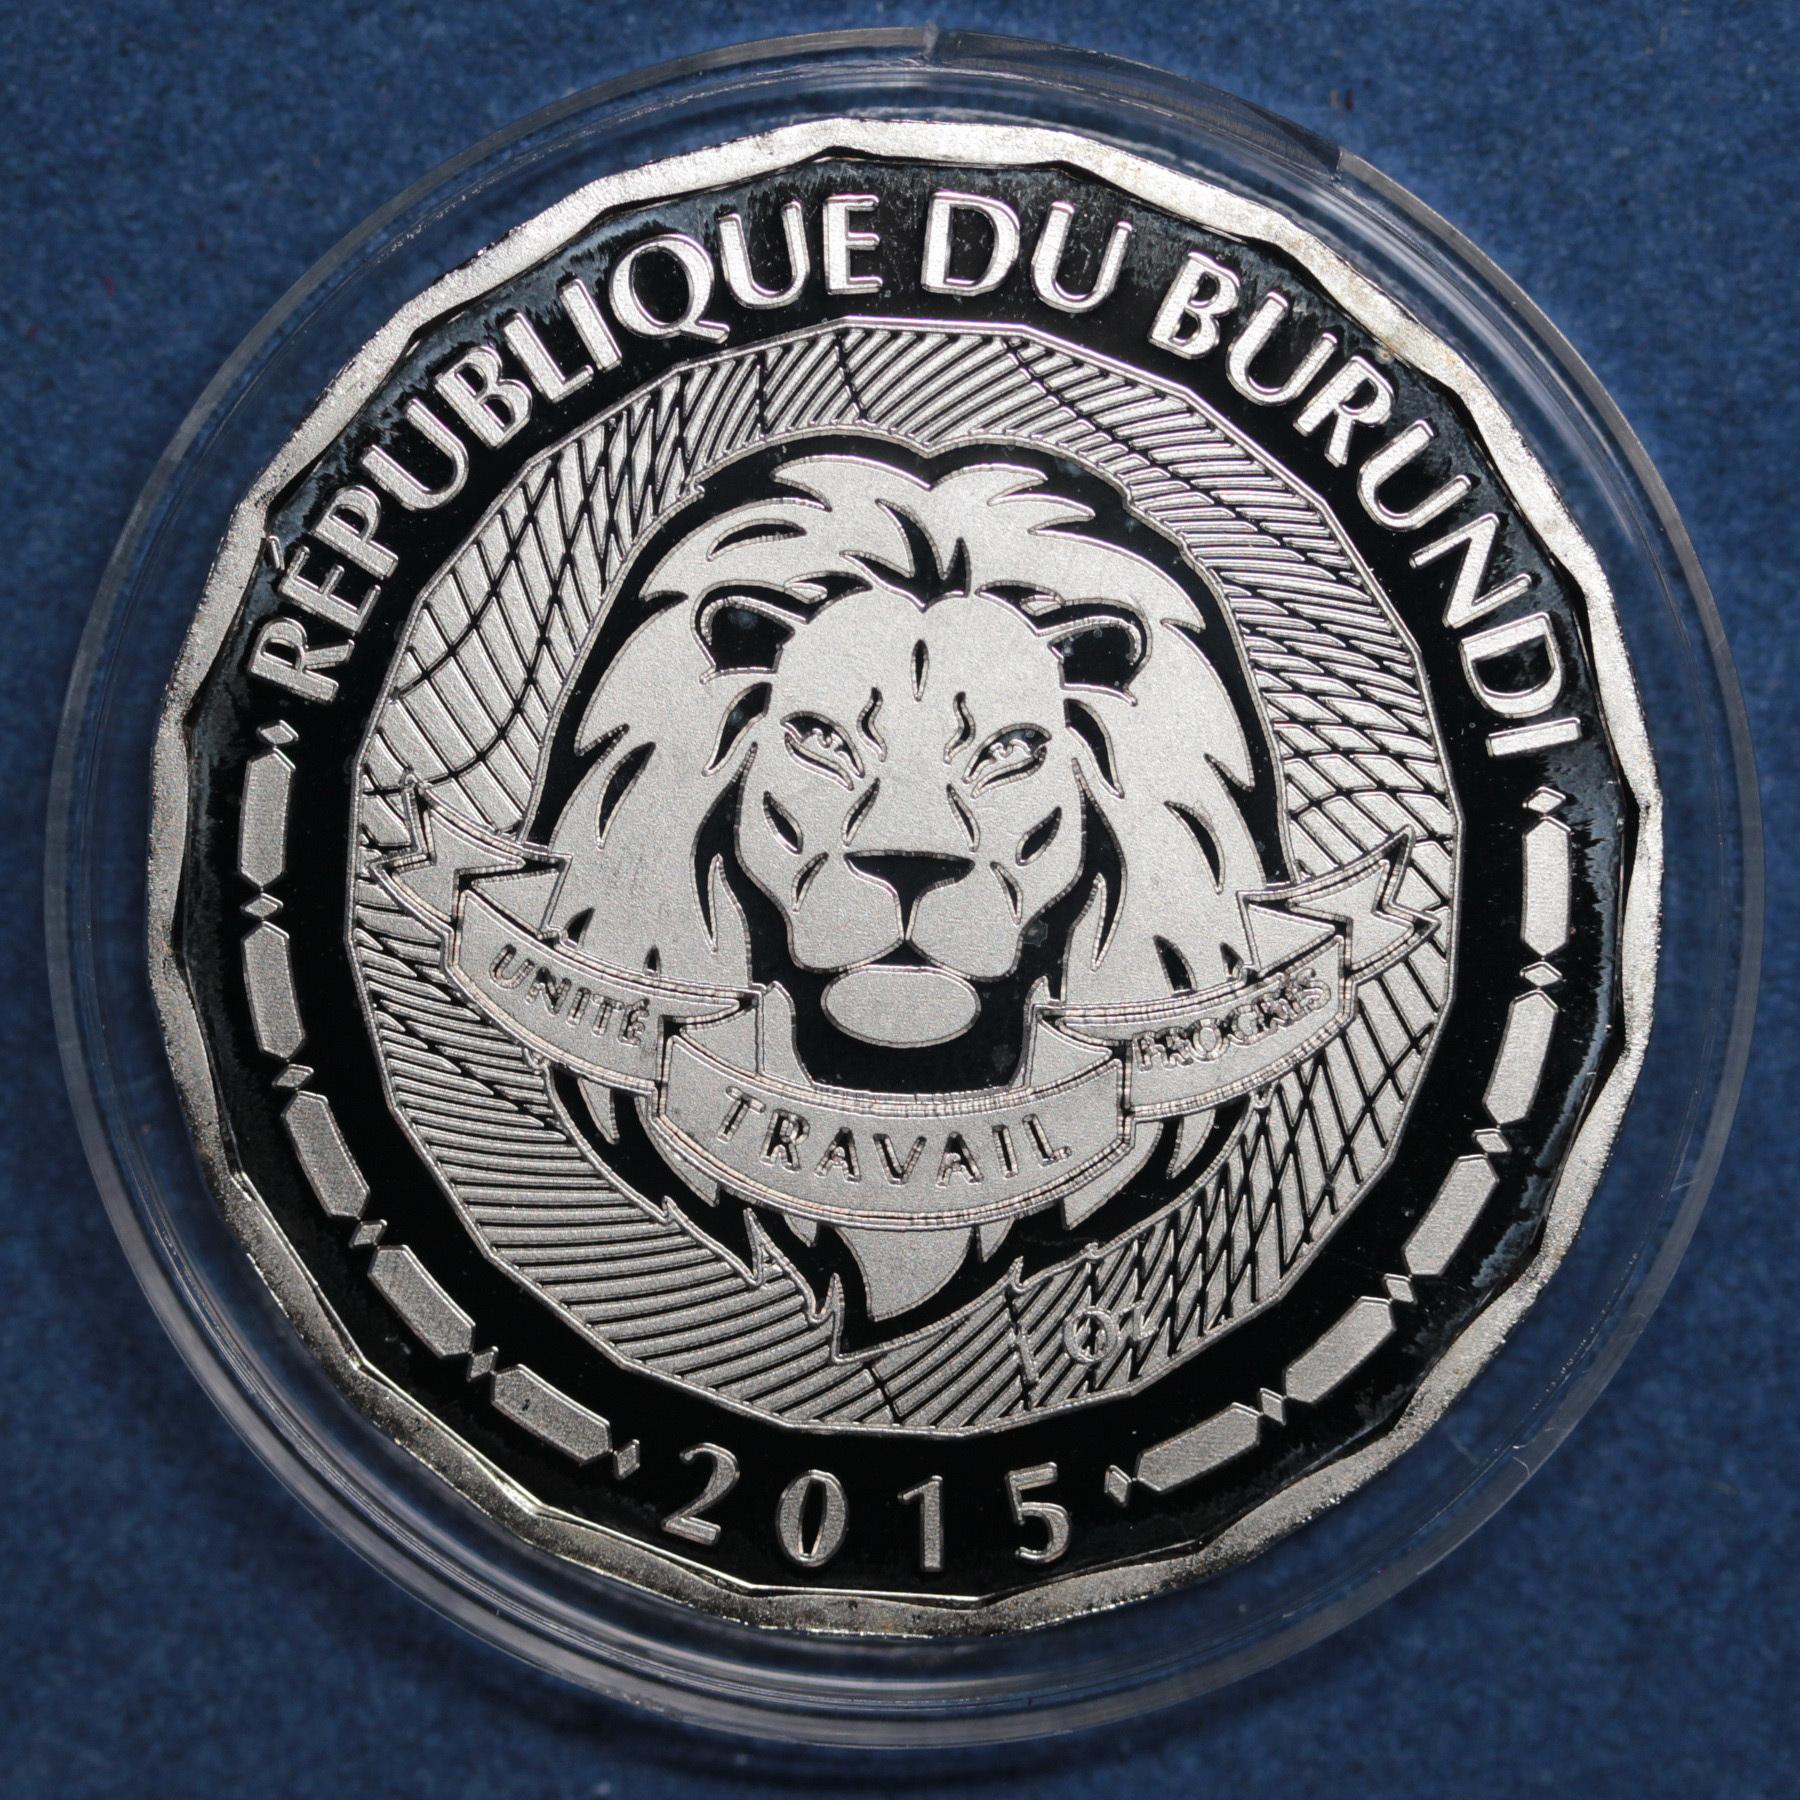 Жетон 100 франков Бурунди 2015 года Ангел Наварры неоновый Рыба Фауна Копия монеты посеребрение Копия